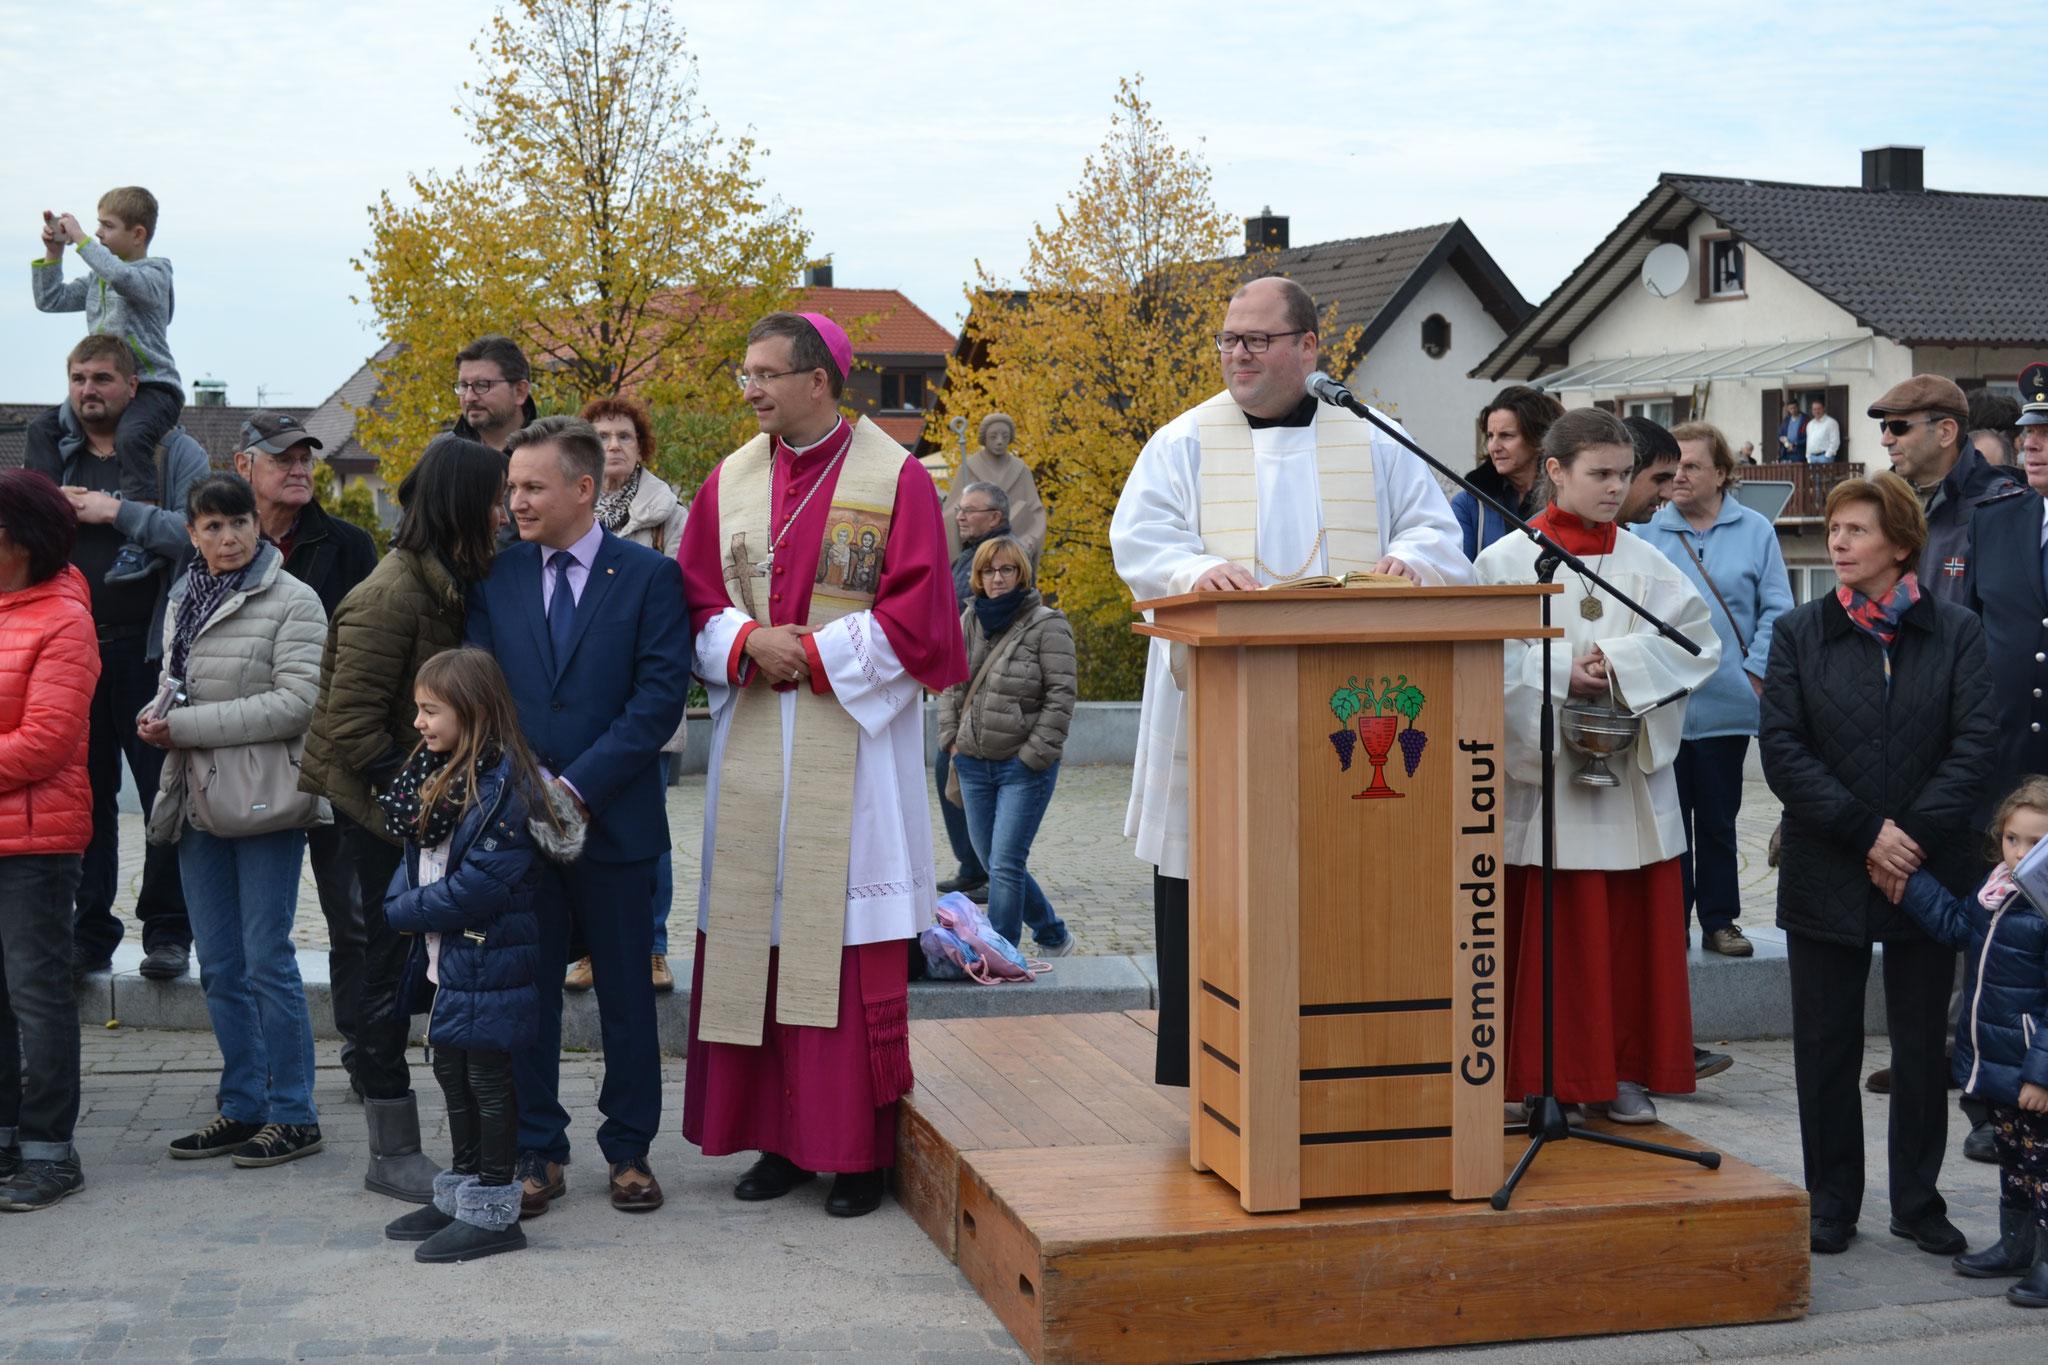 Allocution du curé, à côté de lui le Maire et l'Evêque, en arrière-plan la statue de  St. Leonhard sur la place de la Mairie